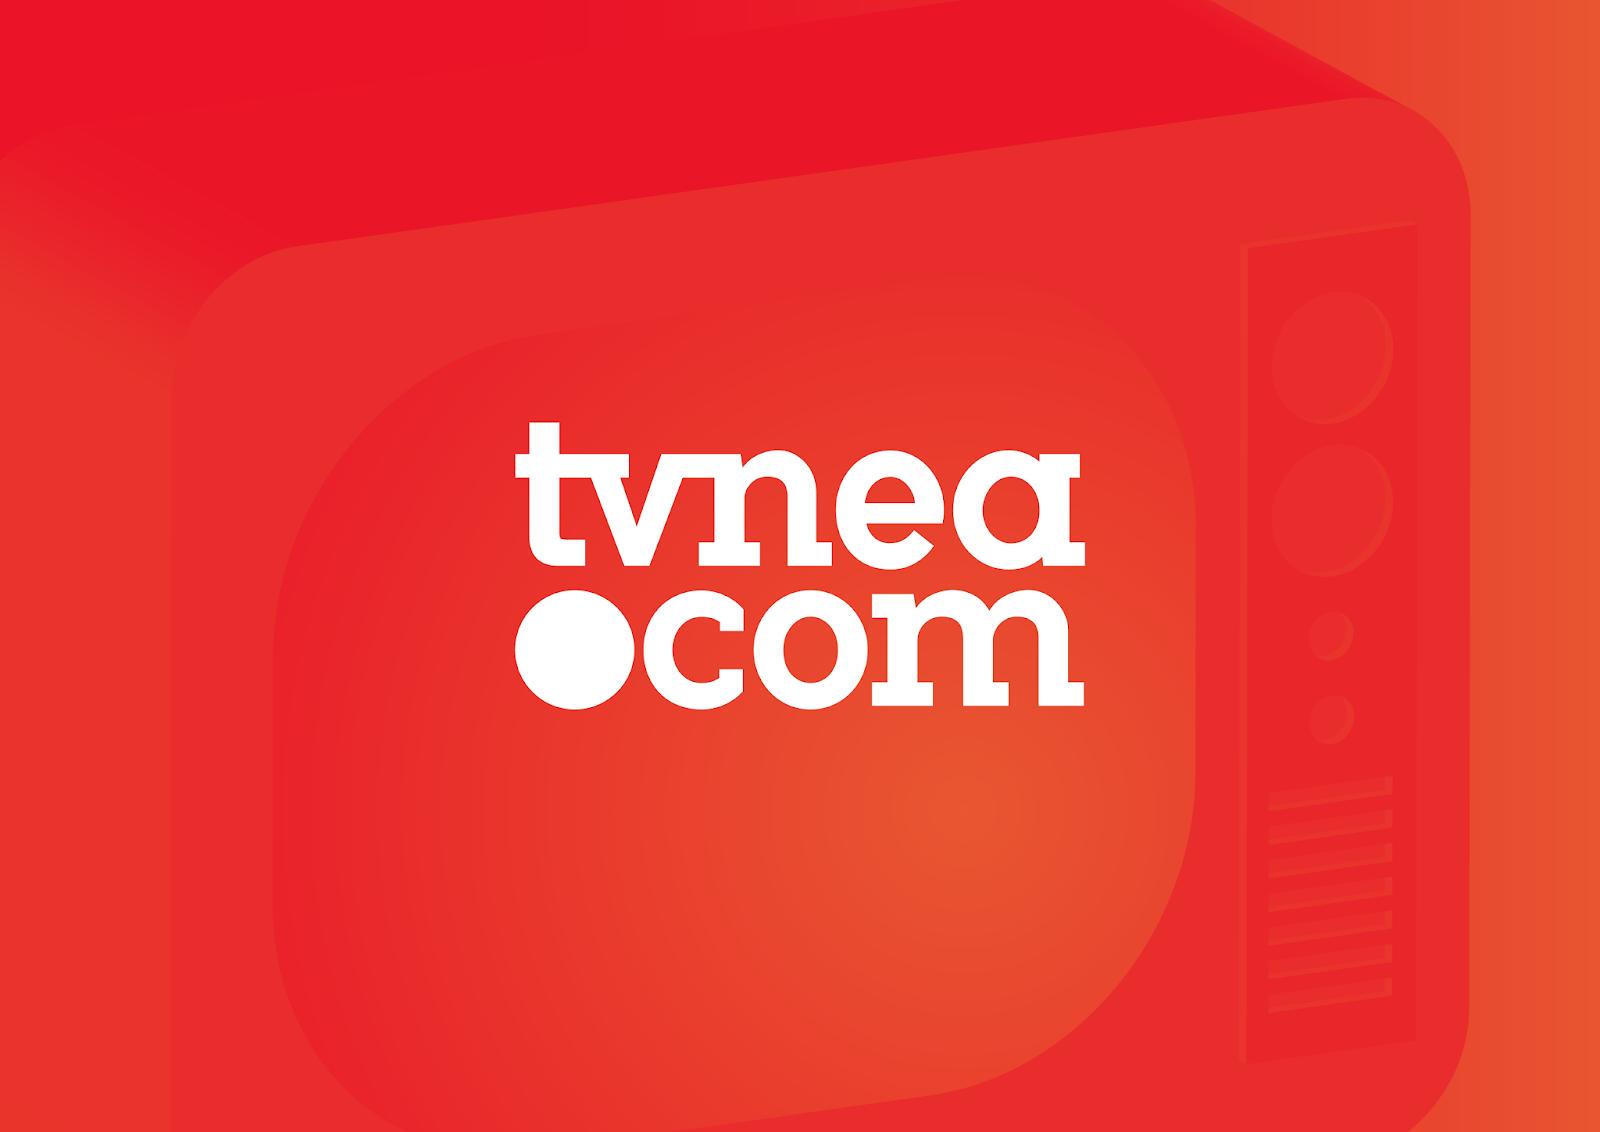 Διαφημιστείτε στο TVNEA.COM - Φωτογραφία 1